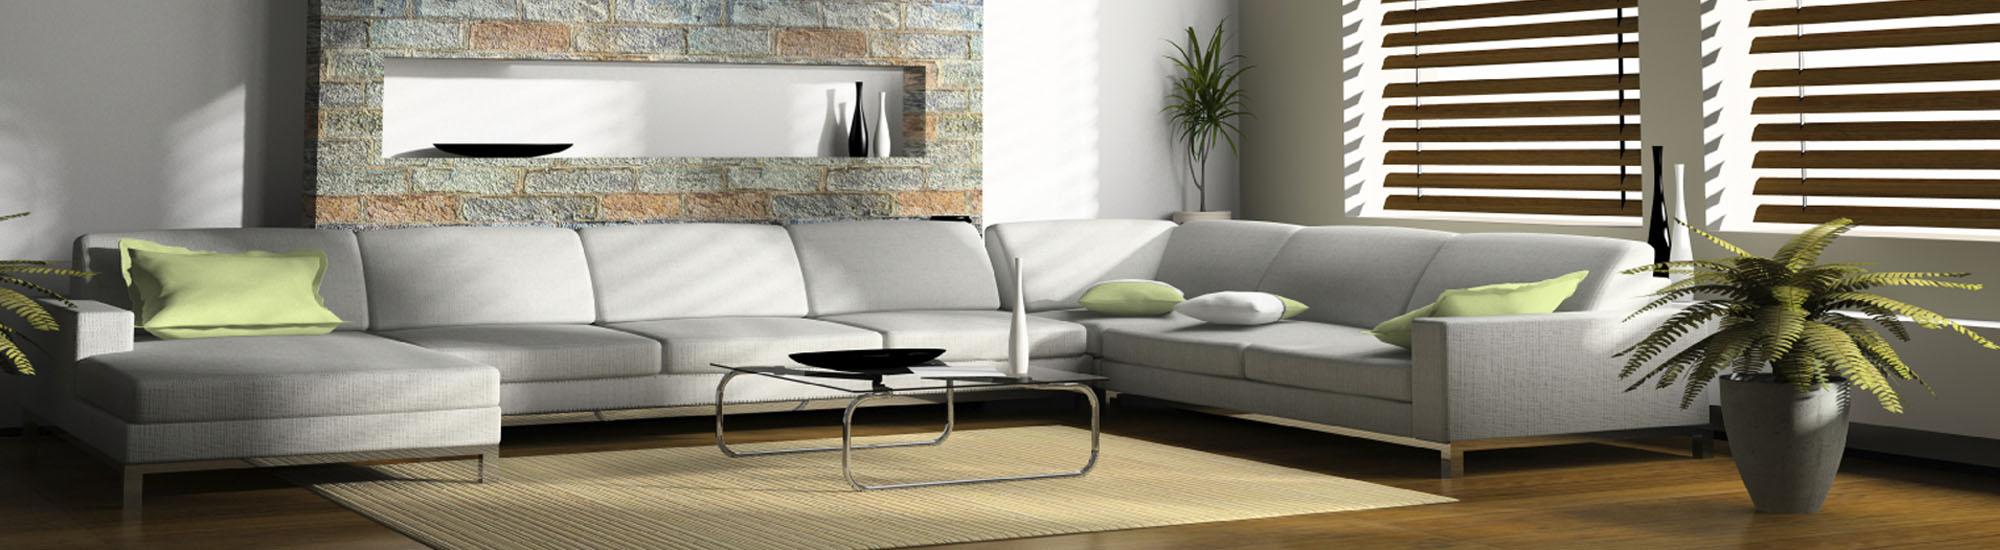 slider_home-2